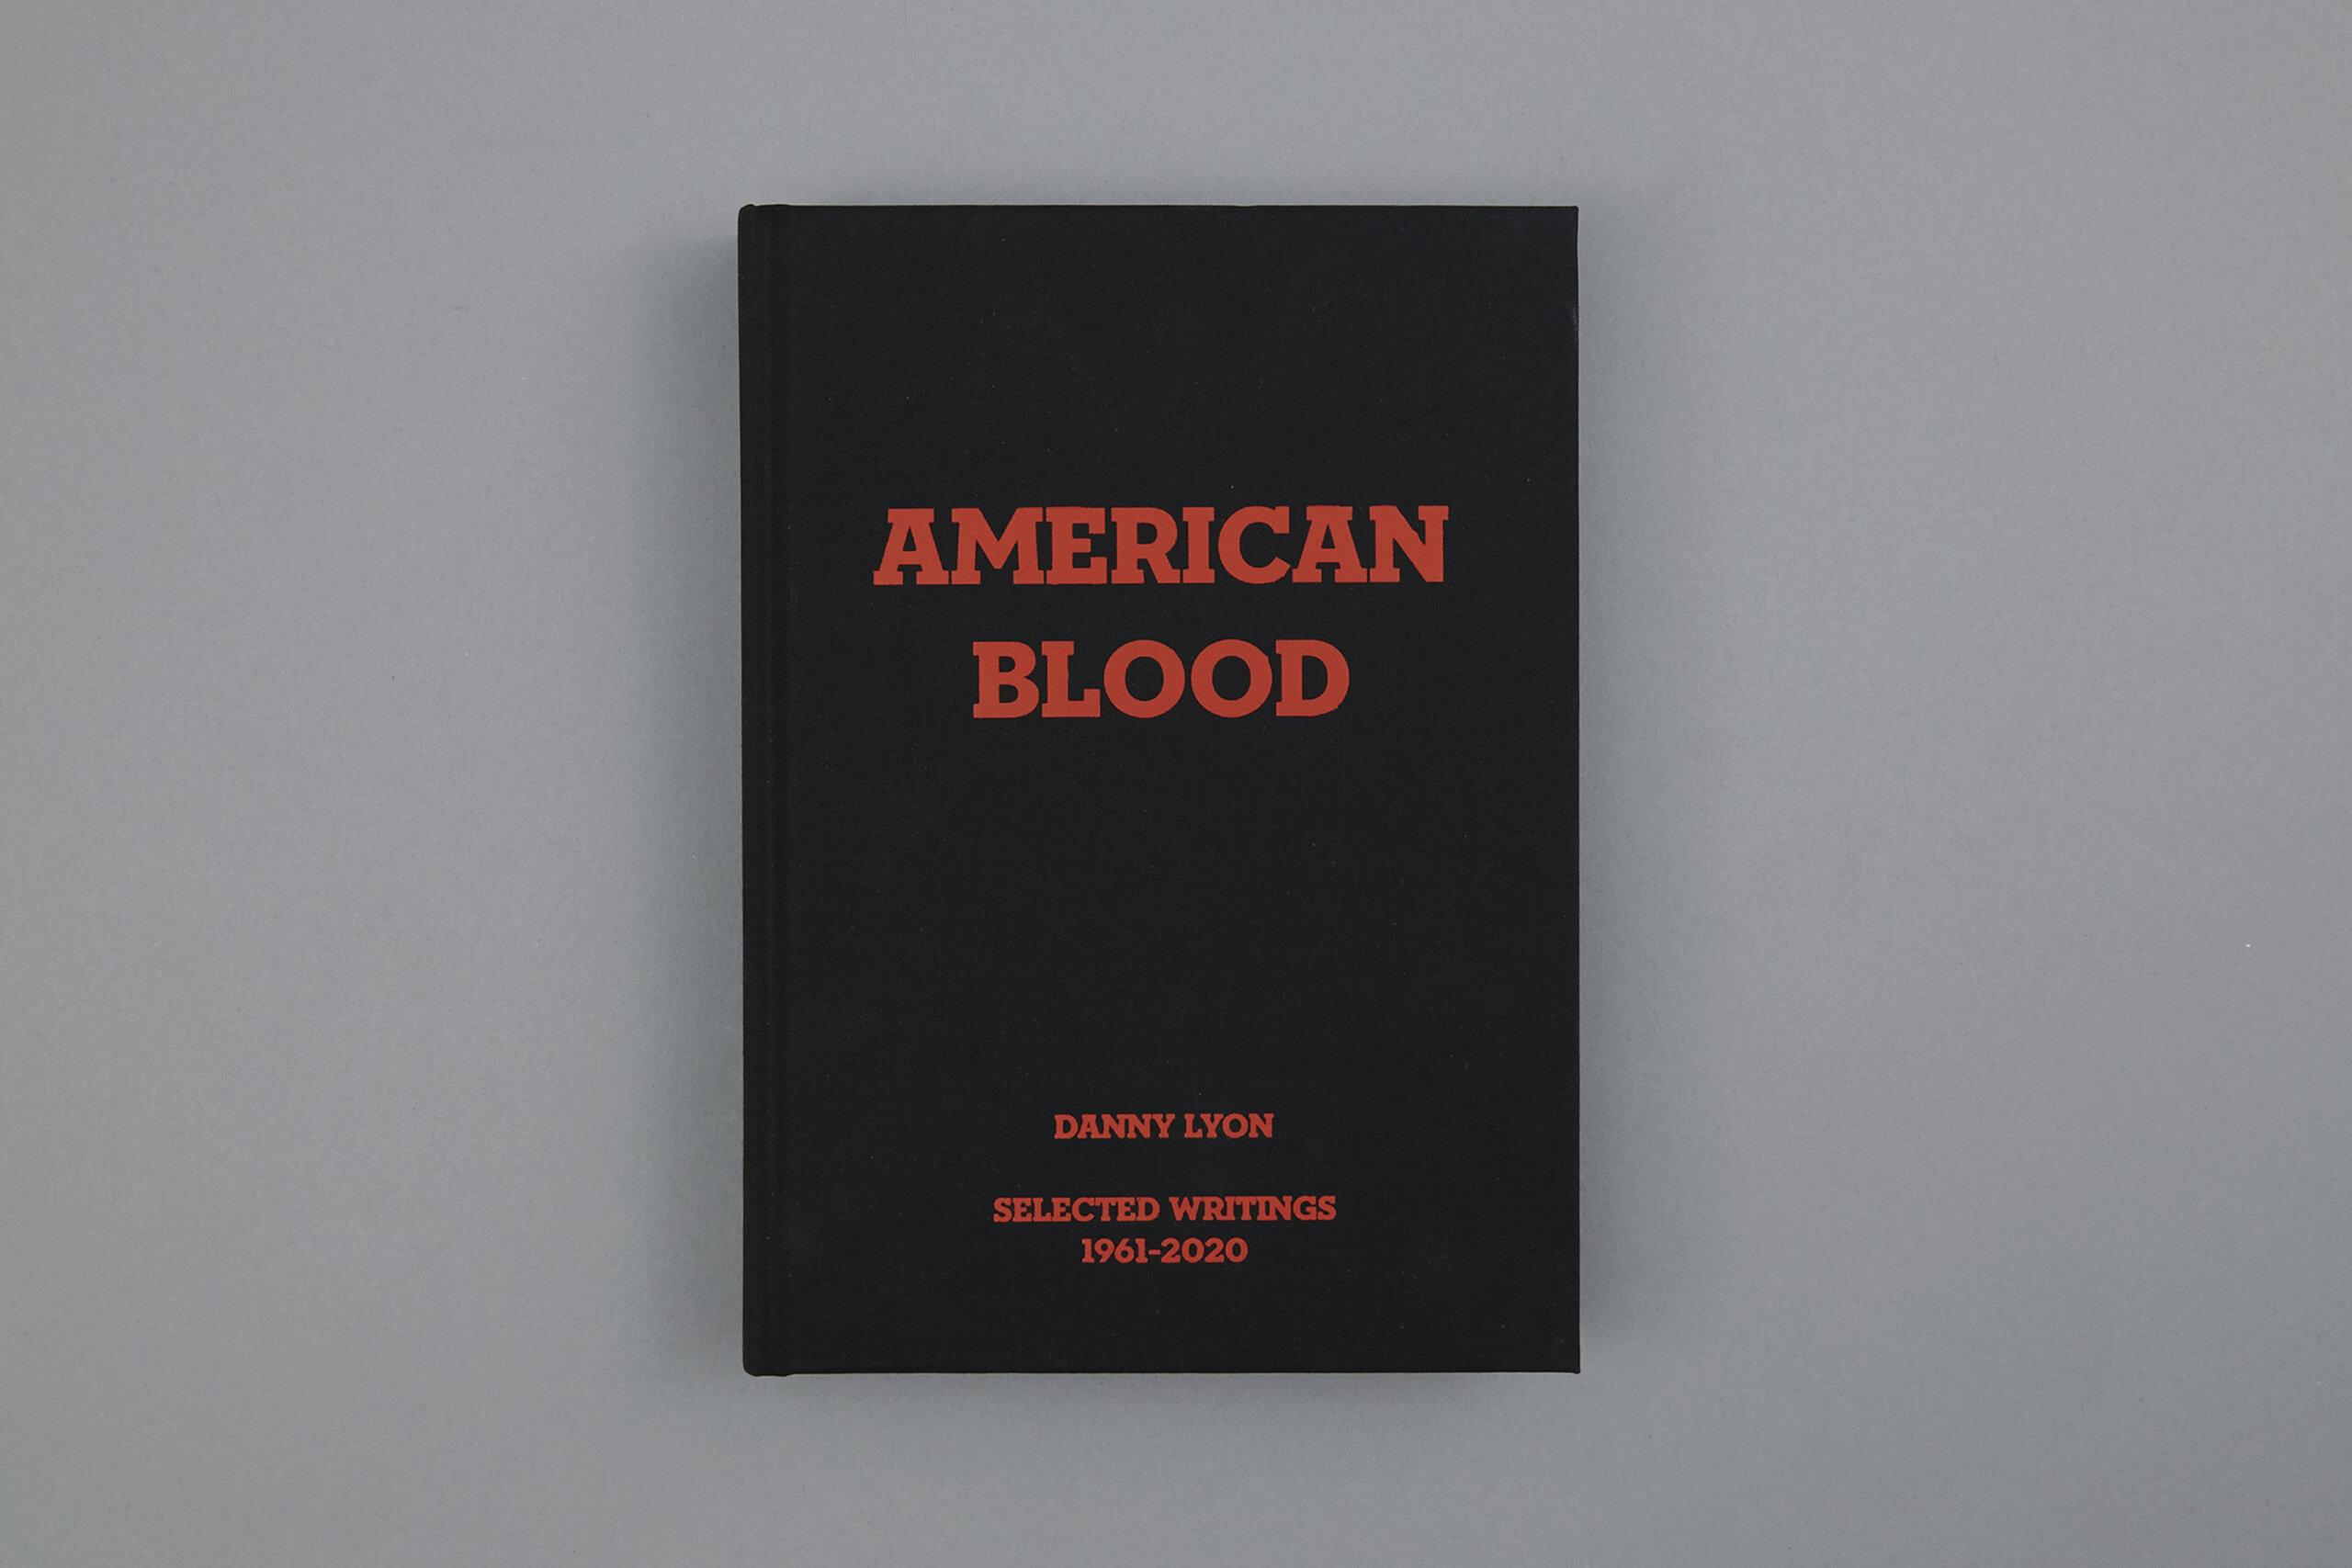 lyon-american-blood-delpire-co